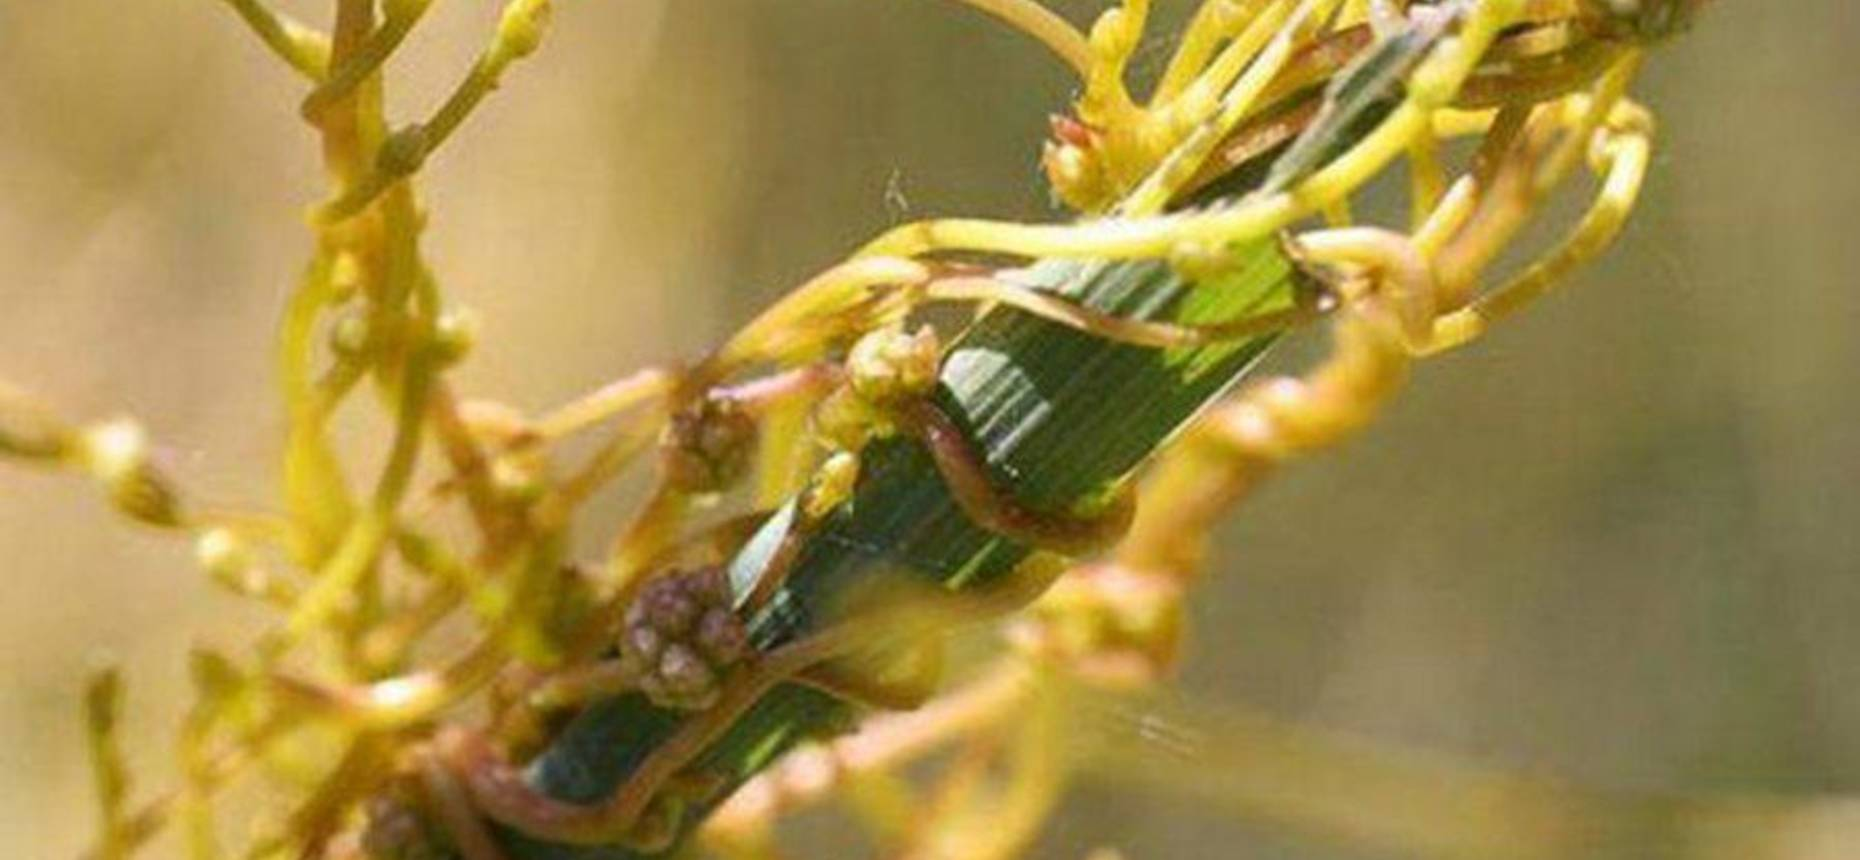 Cuscuta epilinum Weihe. - Повилика льняная